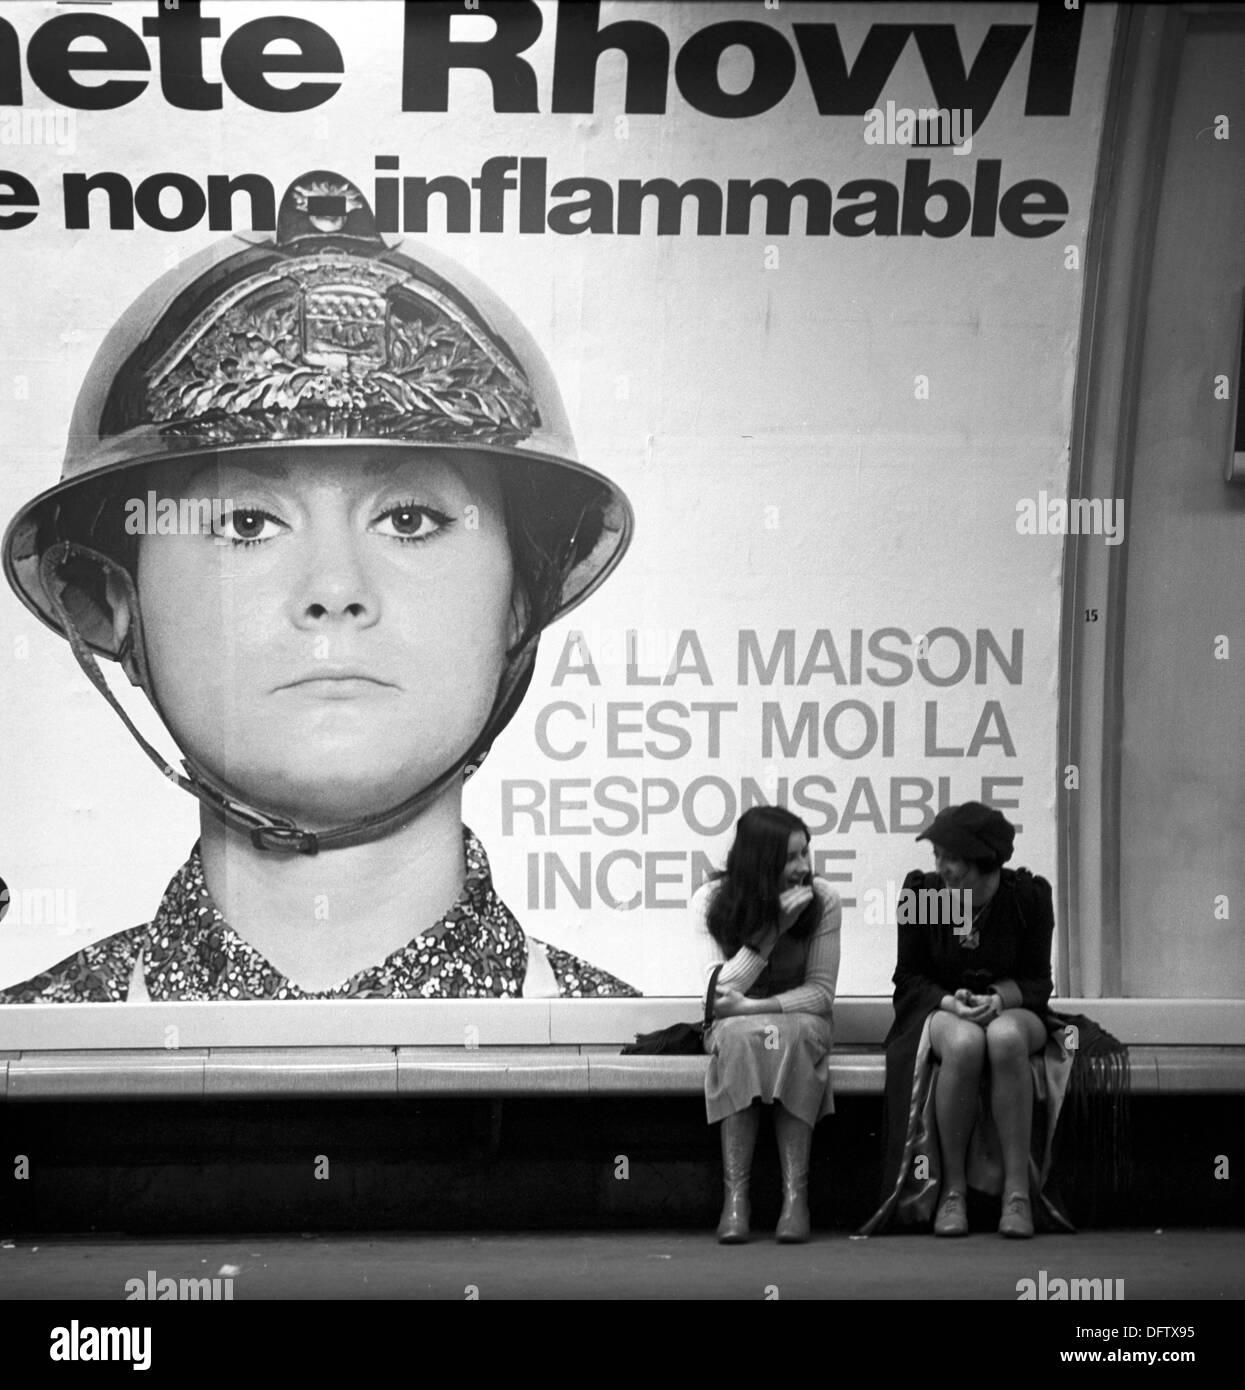 """Due donne siedono sotto un annuncio pubblicitario per tessuti sintetici e di parlare a Parigi nel novembre 1970. Il messaggio pubblicitario loda l'infiammabilità del materiale. Lo slogan recita: 'a casa, io sono responsabile per la conflagrazione."""" Foto: Wilfried Glienke Foto Stock"""